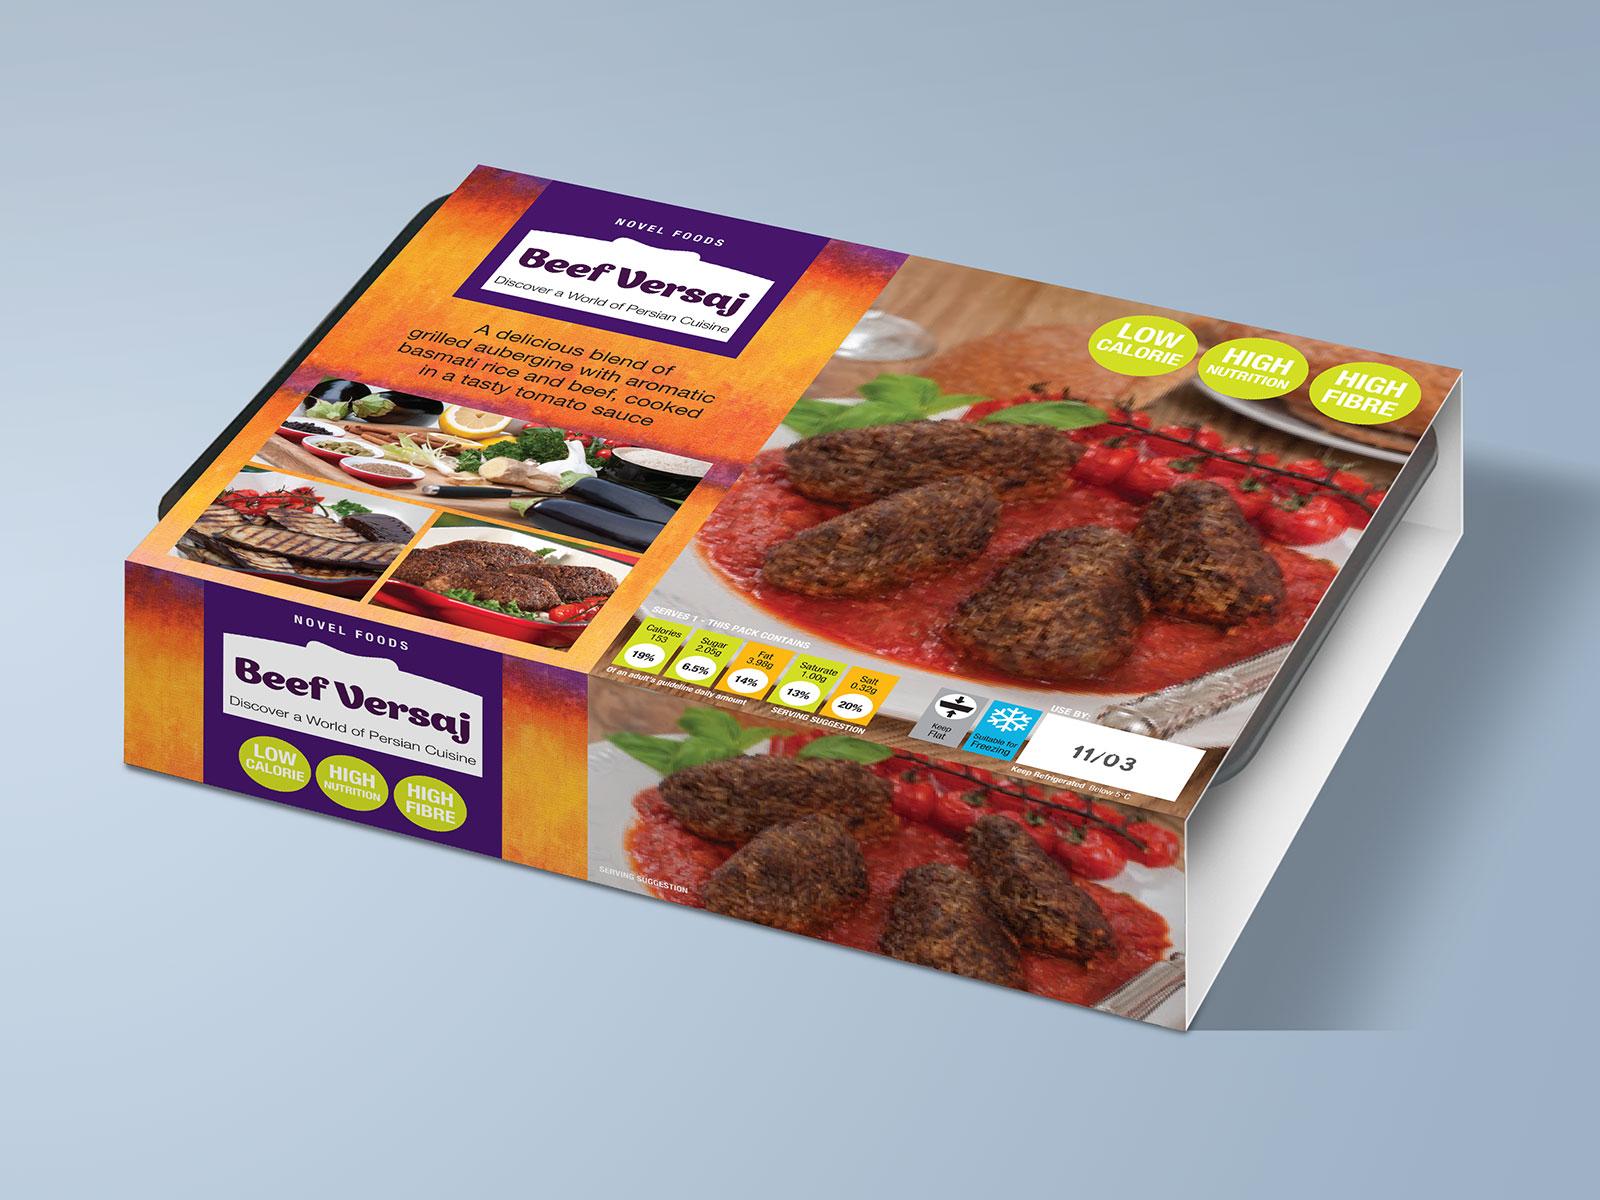 Novel Foods Beef Versaj Packaging Design